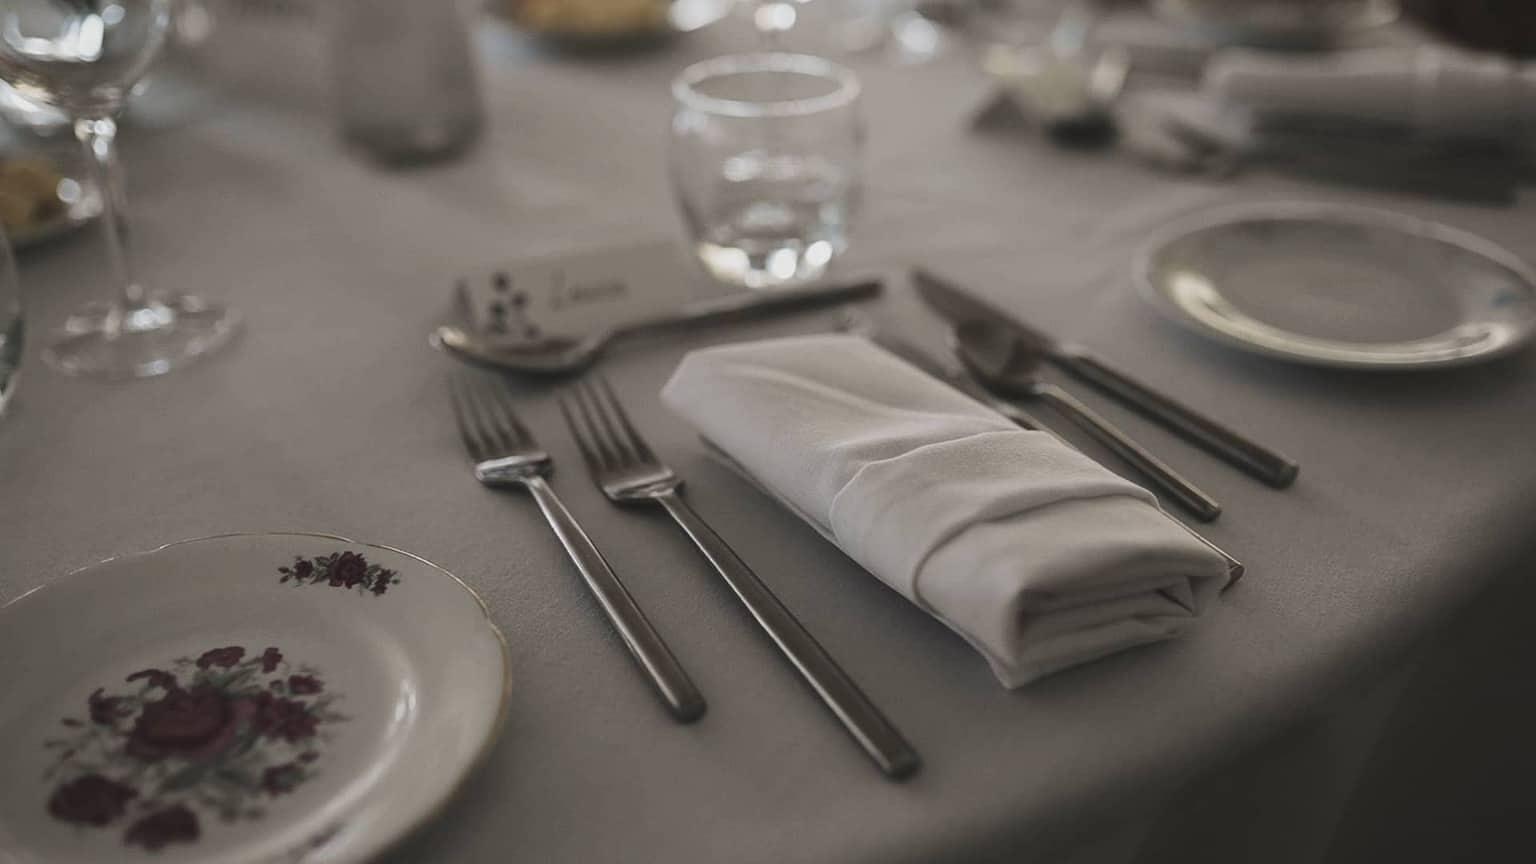 cutlery align straight on Ballintaggart house table